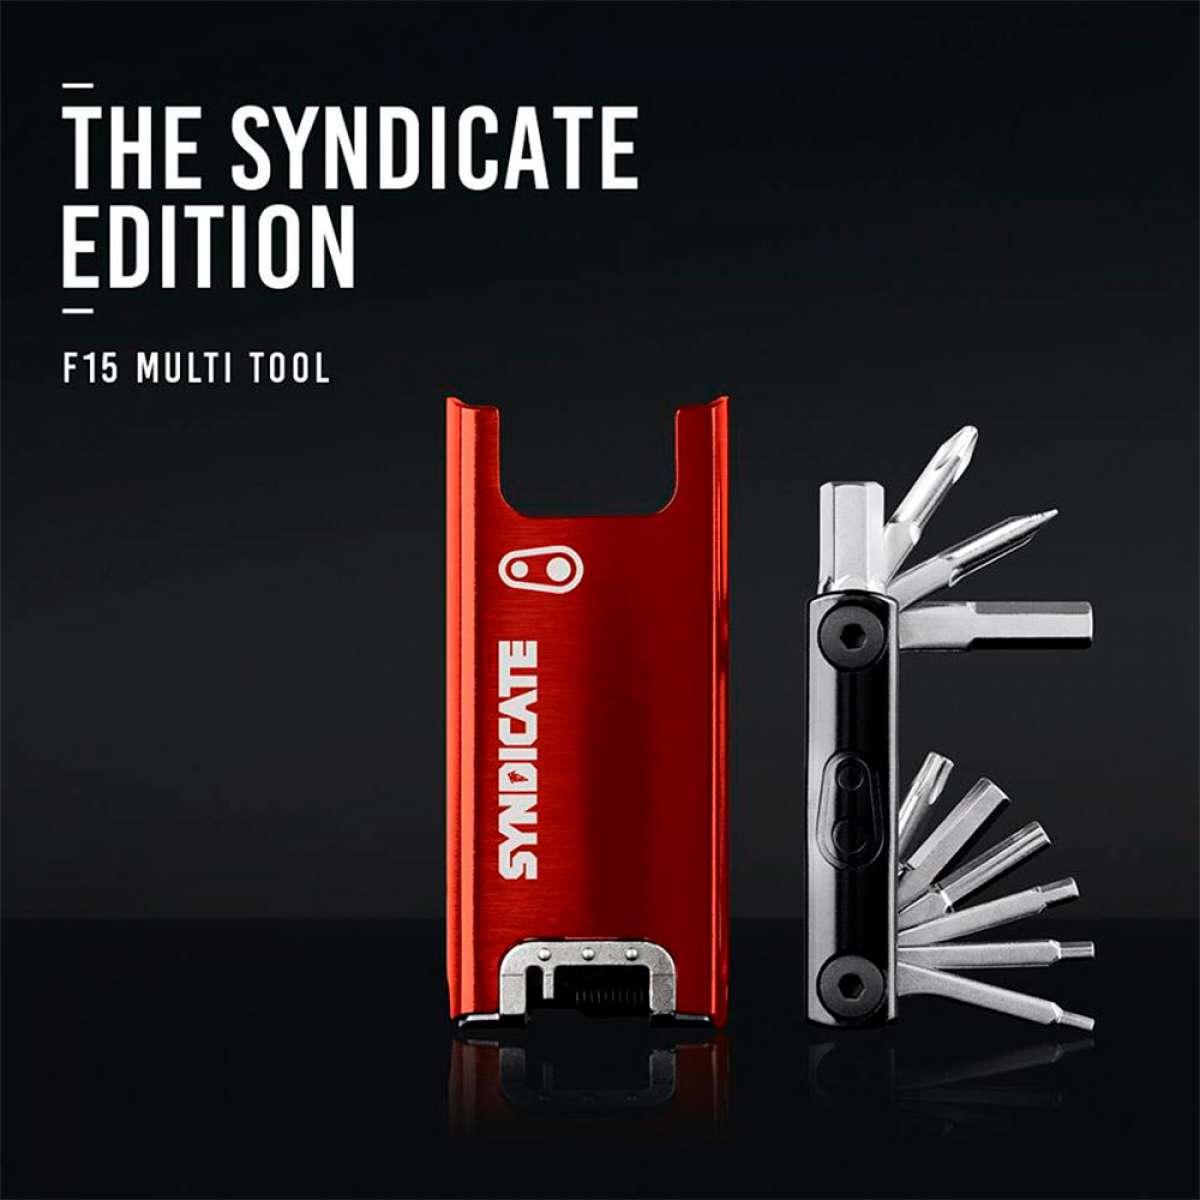 En TodoMountainBike: Edición especial 'Syndicate Edition' para la multiherramienta Crankbrothers F15